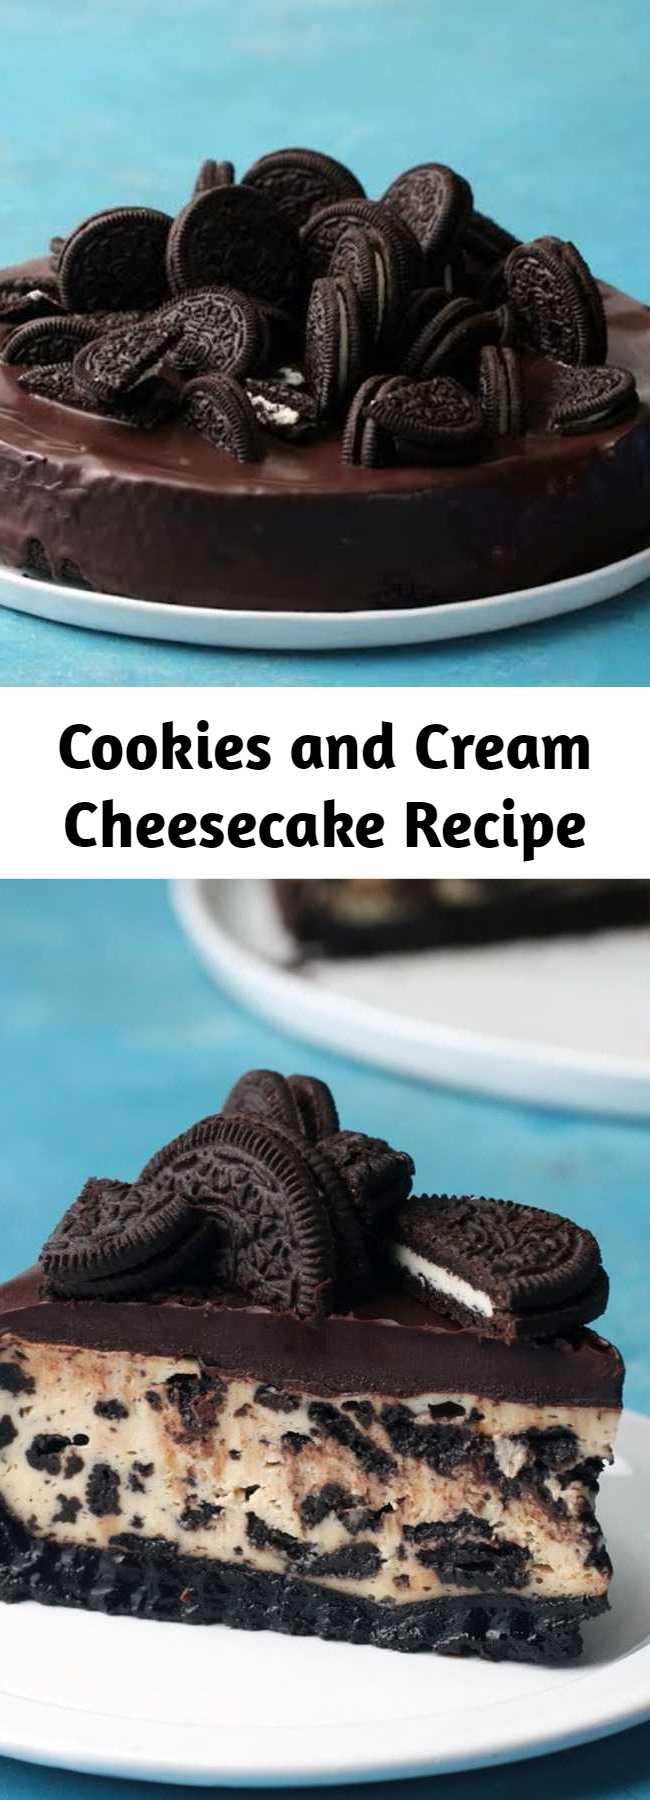 Cookies and Cream Cheesecake Recipe - Cookies and cream make everyone scream!